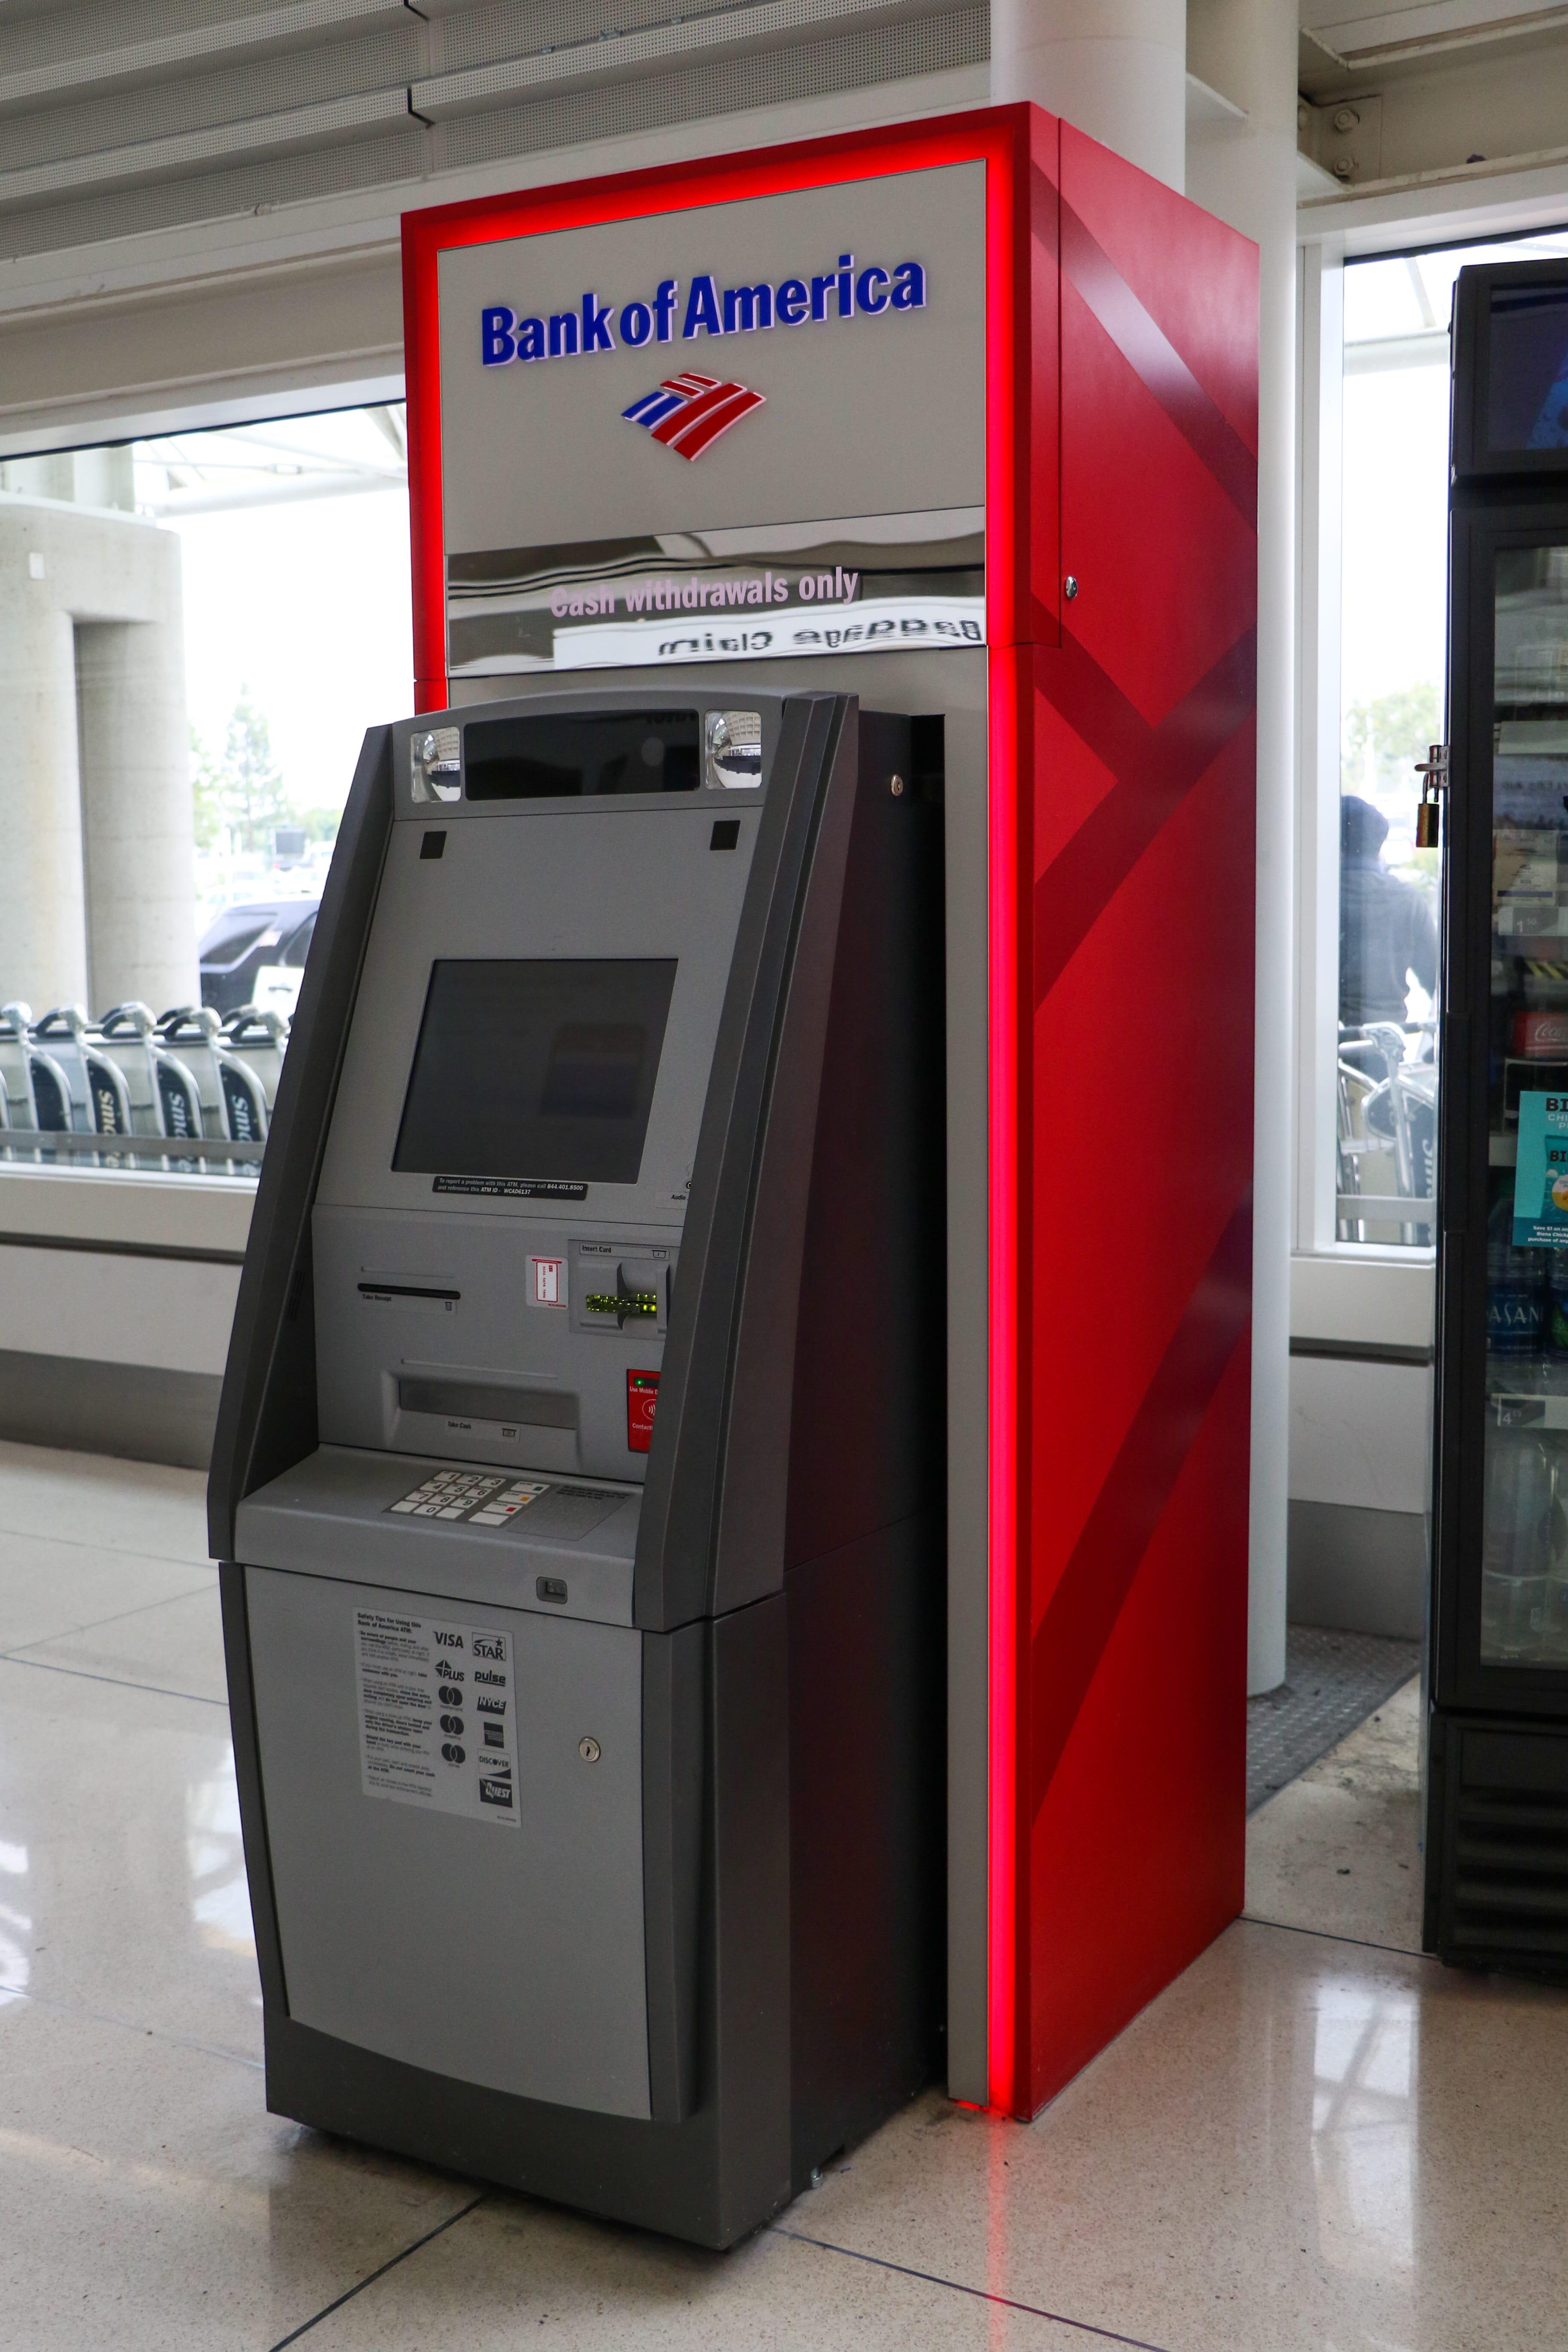 servicio al cliente de bank of america